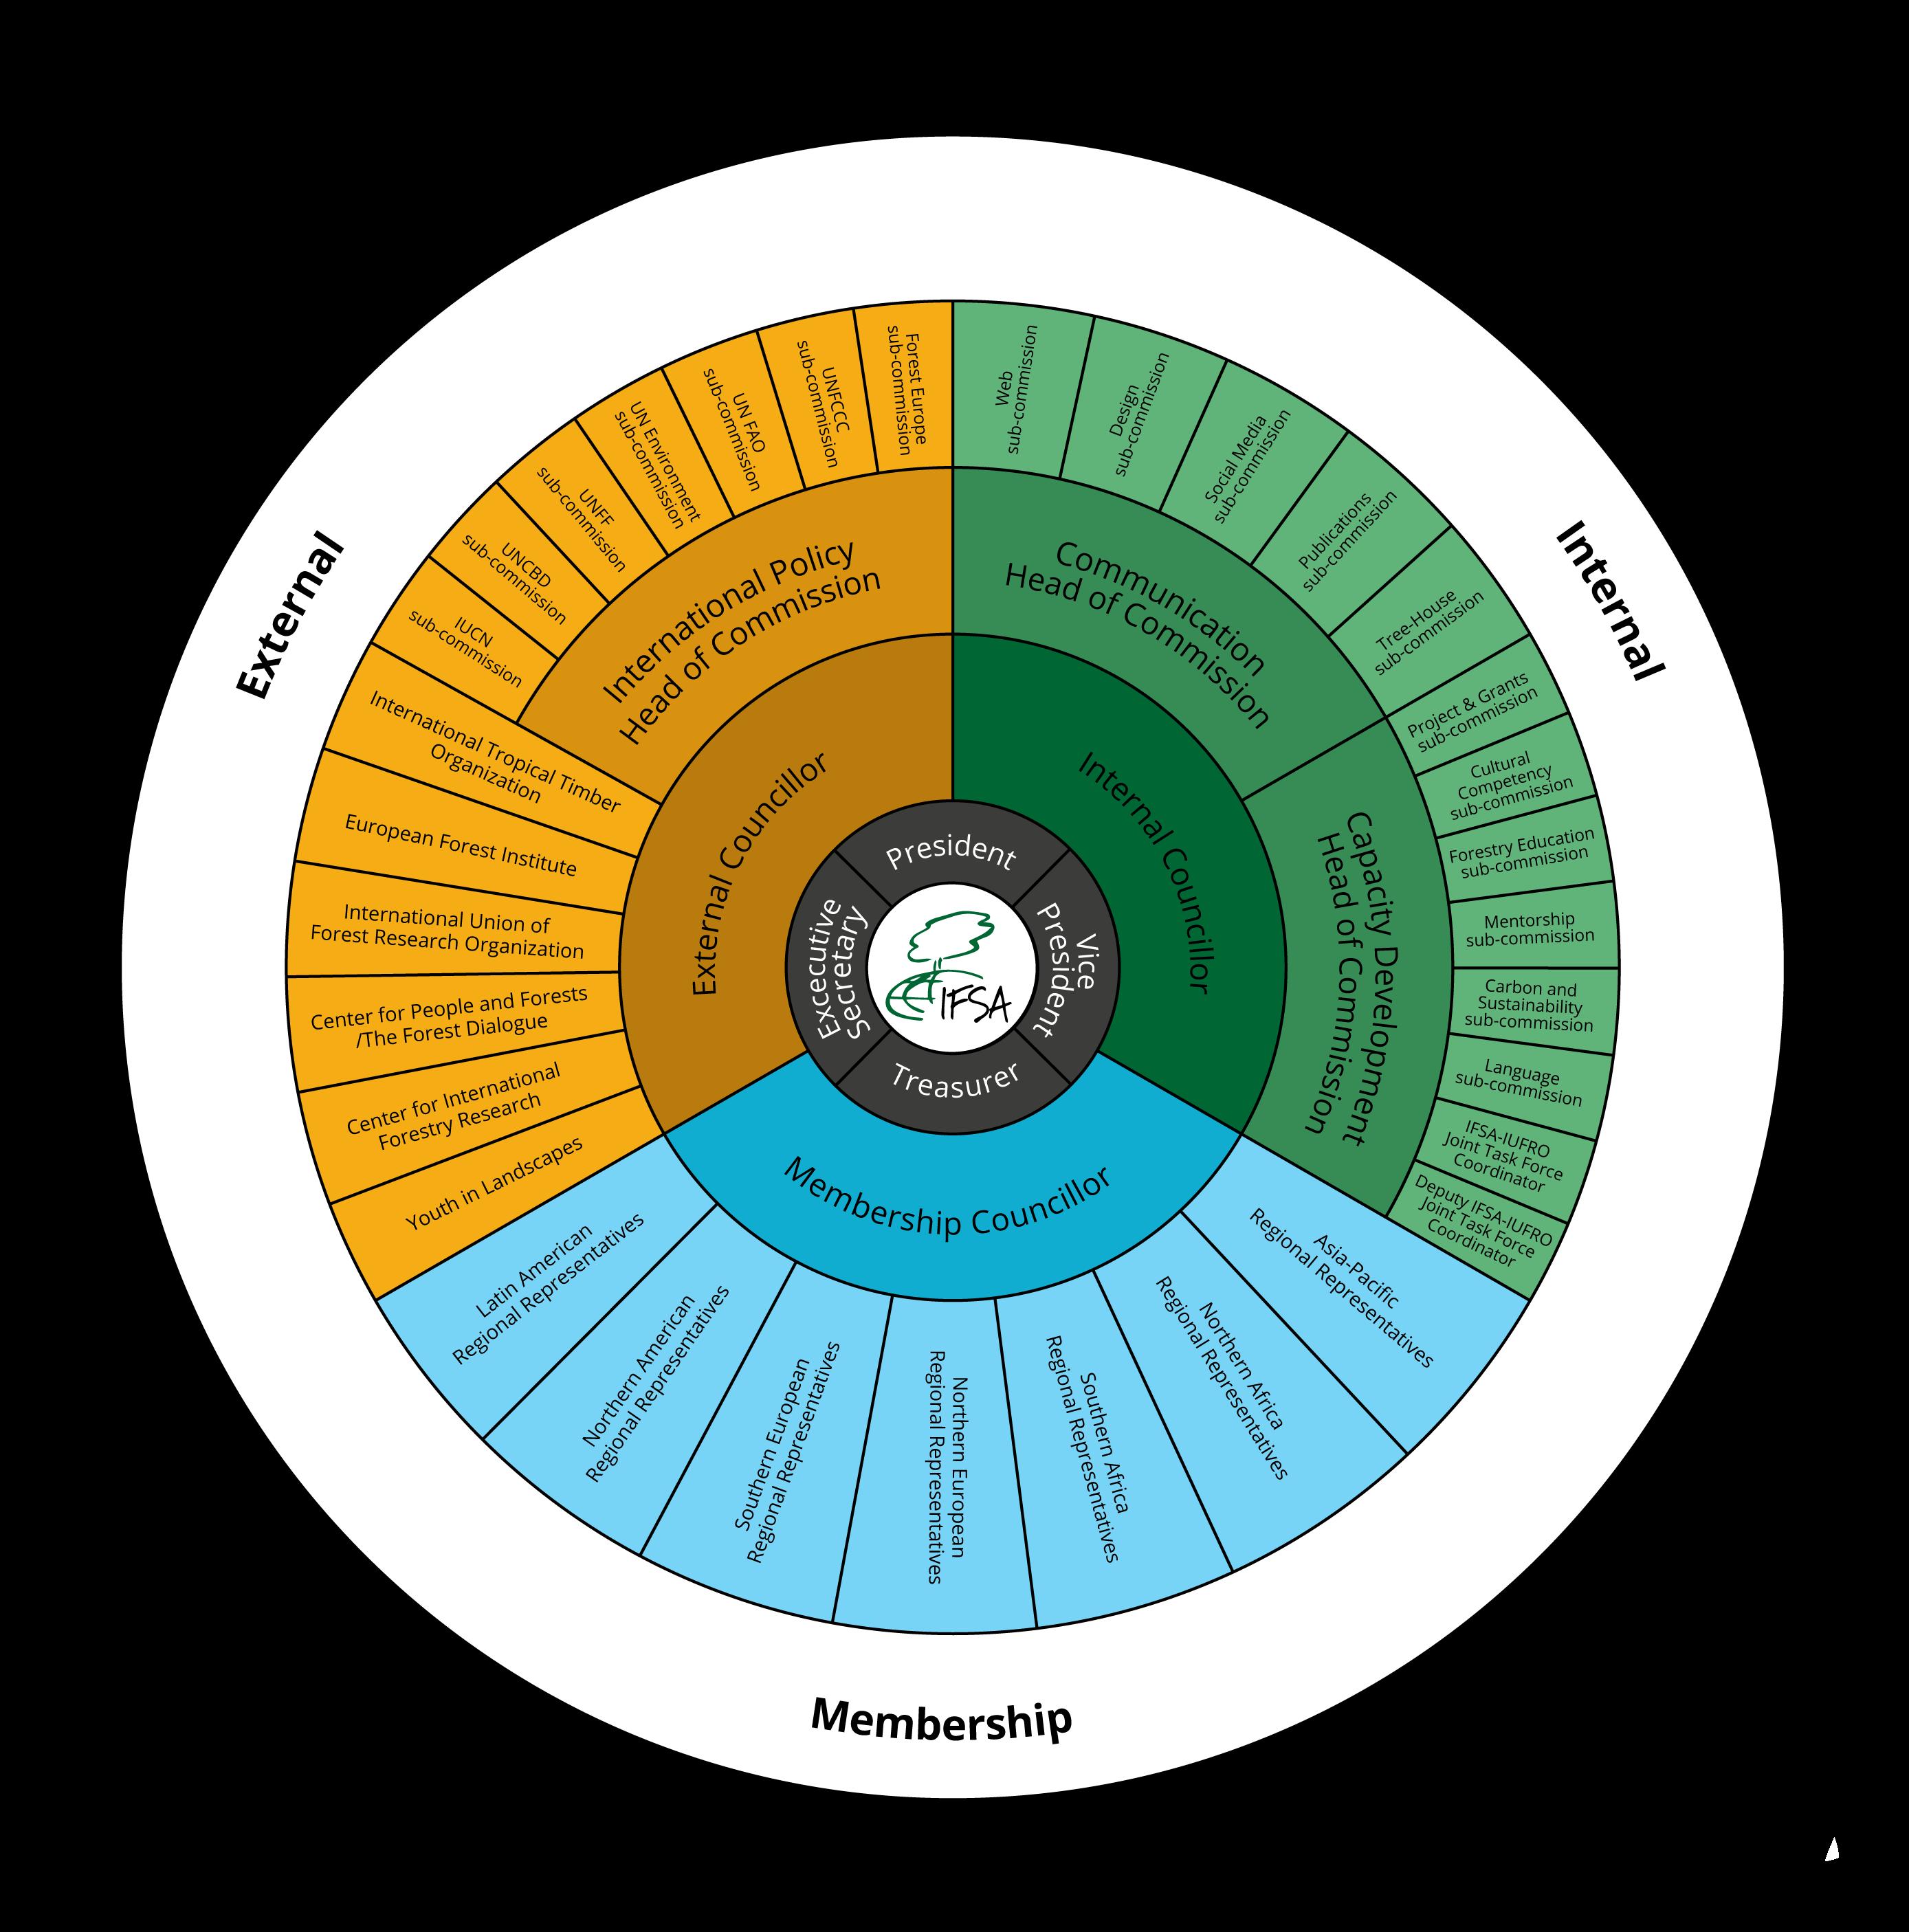 IFSA Wheel